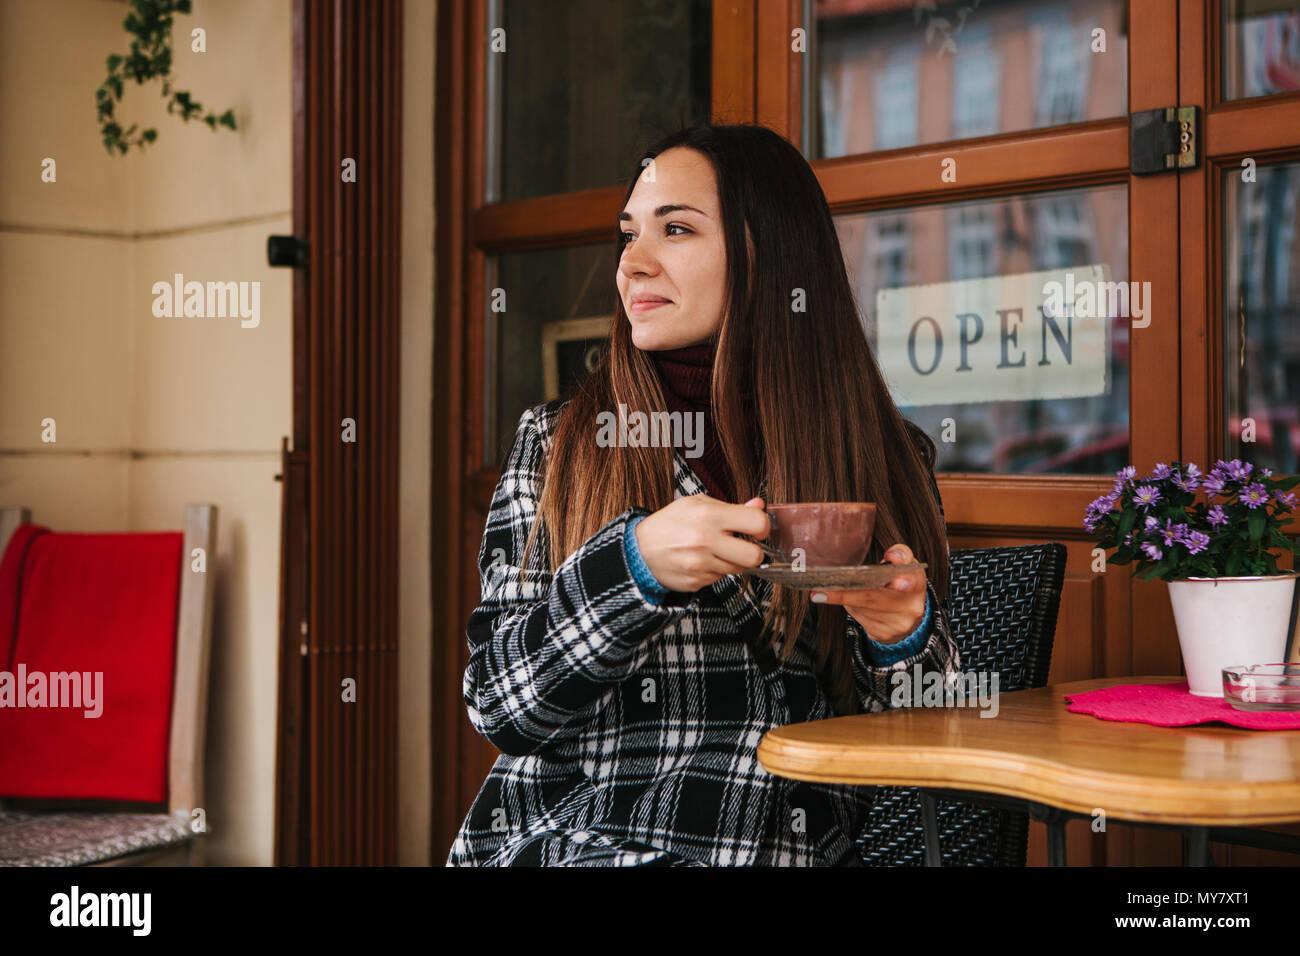 Hermosa joven bebidas de café o chocolate caliente en una cafetería de la calle Imagen De Stock